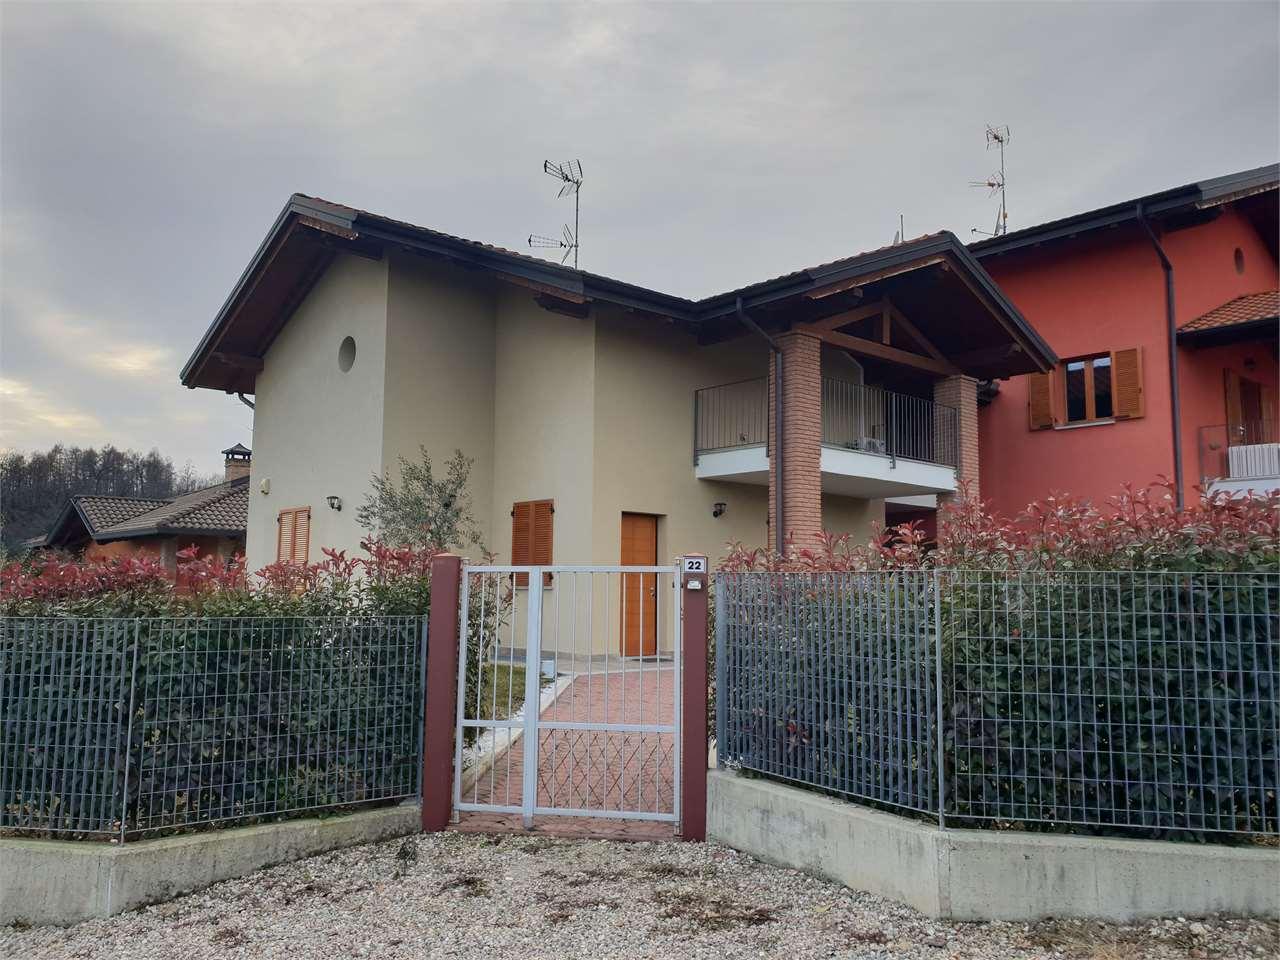 Villa in vendita a Boca, 4 locali, prezzo € 250.000 | CambioCasa.it